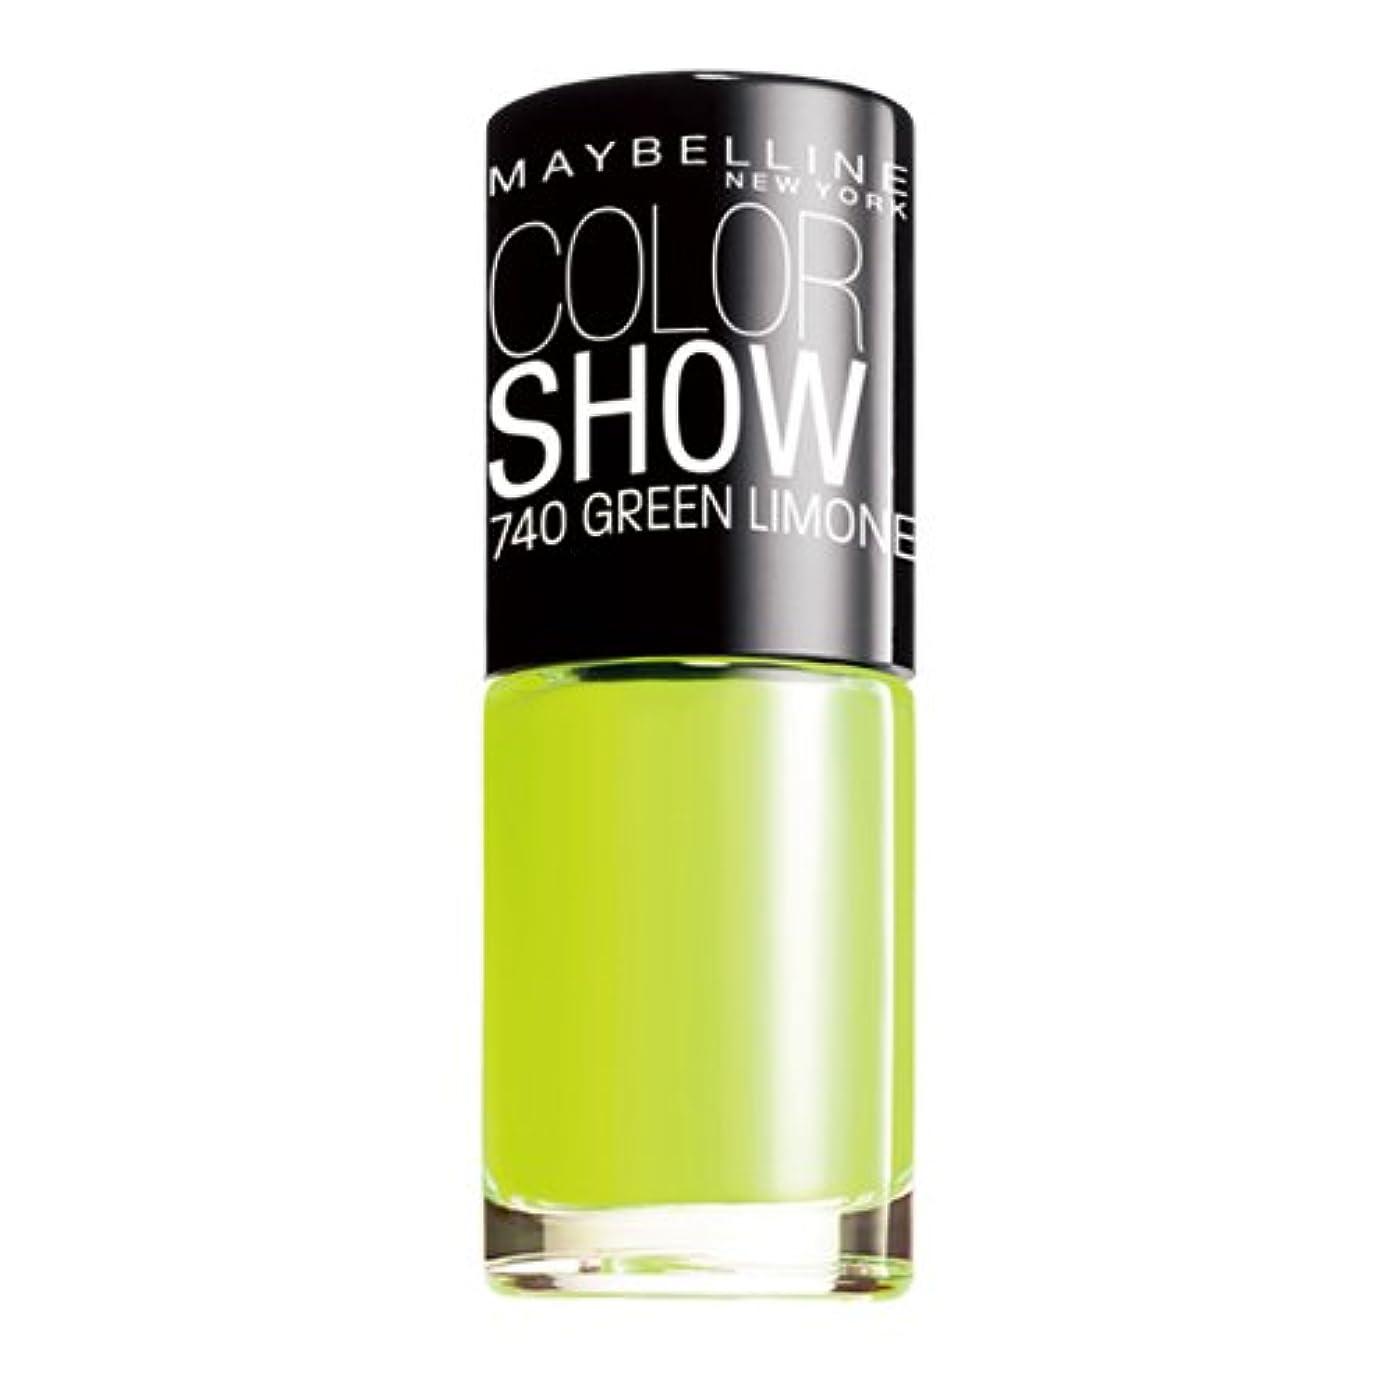 シダちっちゃい論理的にメイベリン カラー ショー ネイル B 740 グリーン リモーネ